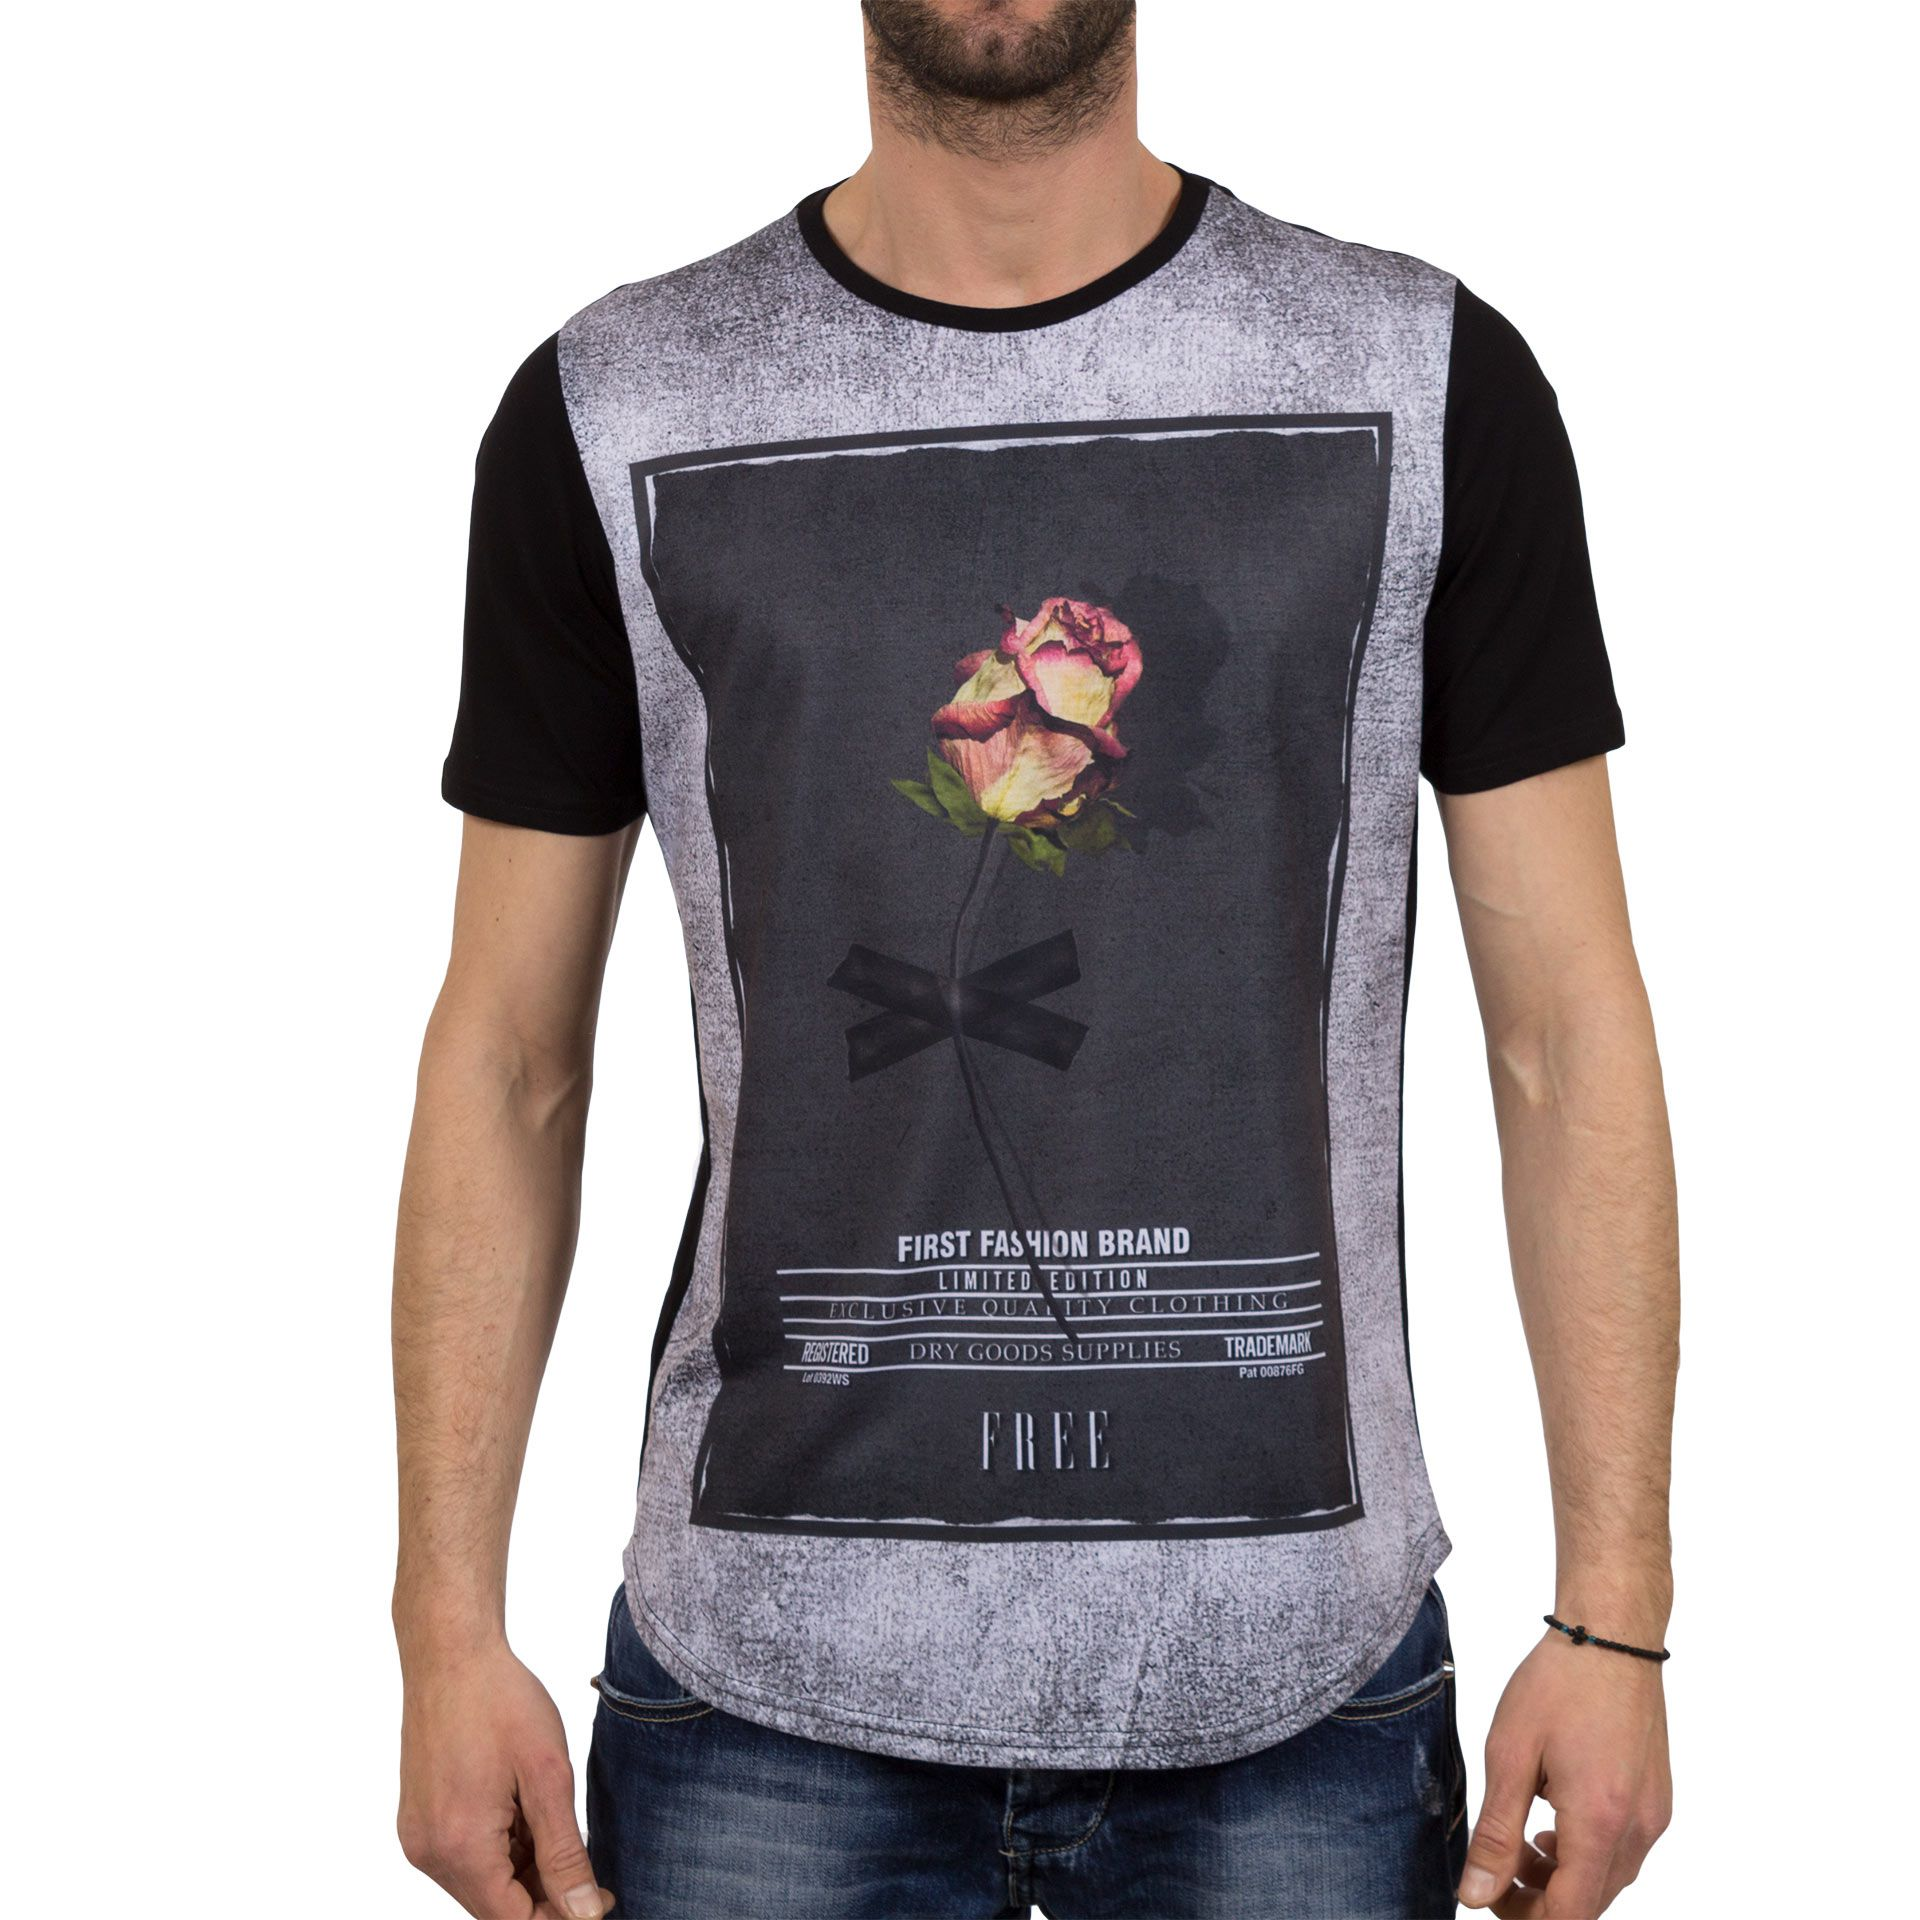 fe94a8105852 Ανδρική μπλούζα T-Shirt FreeWave Μαύρο Flower